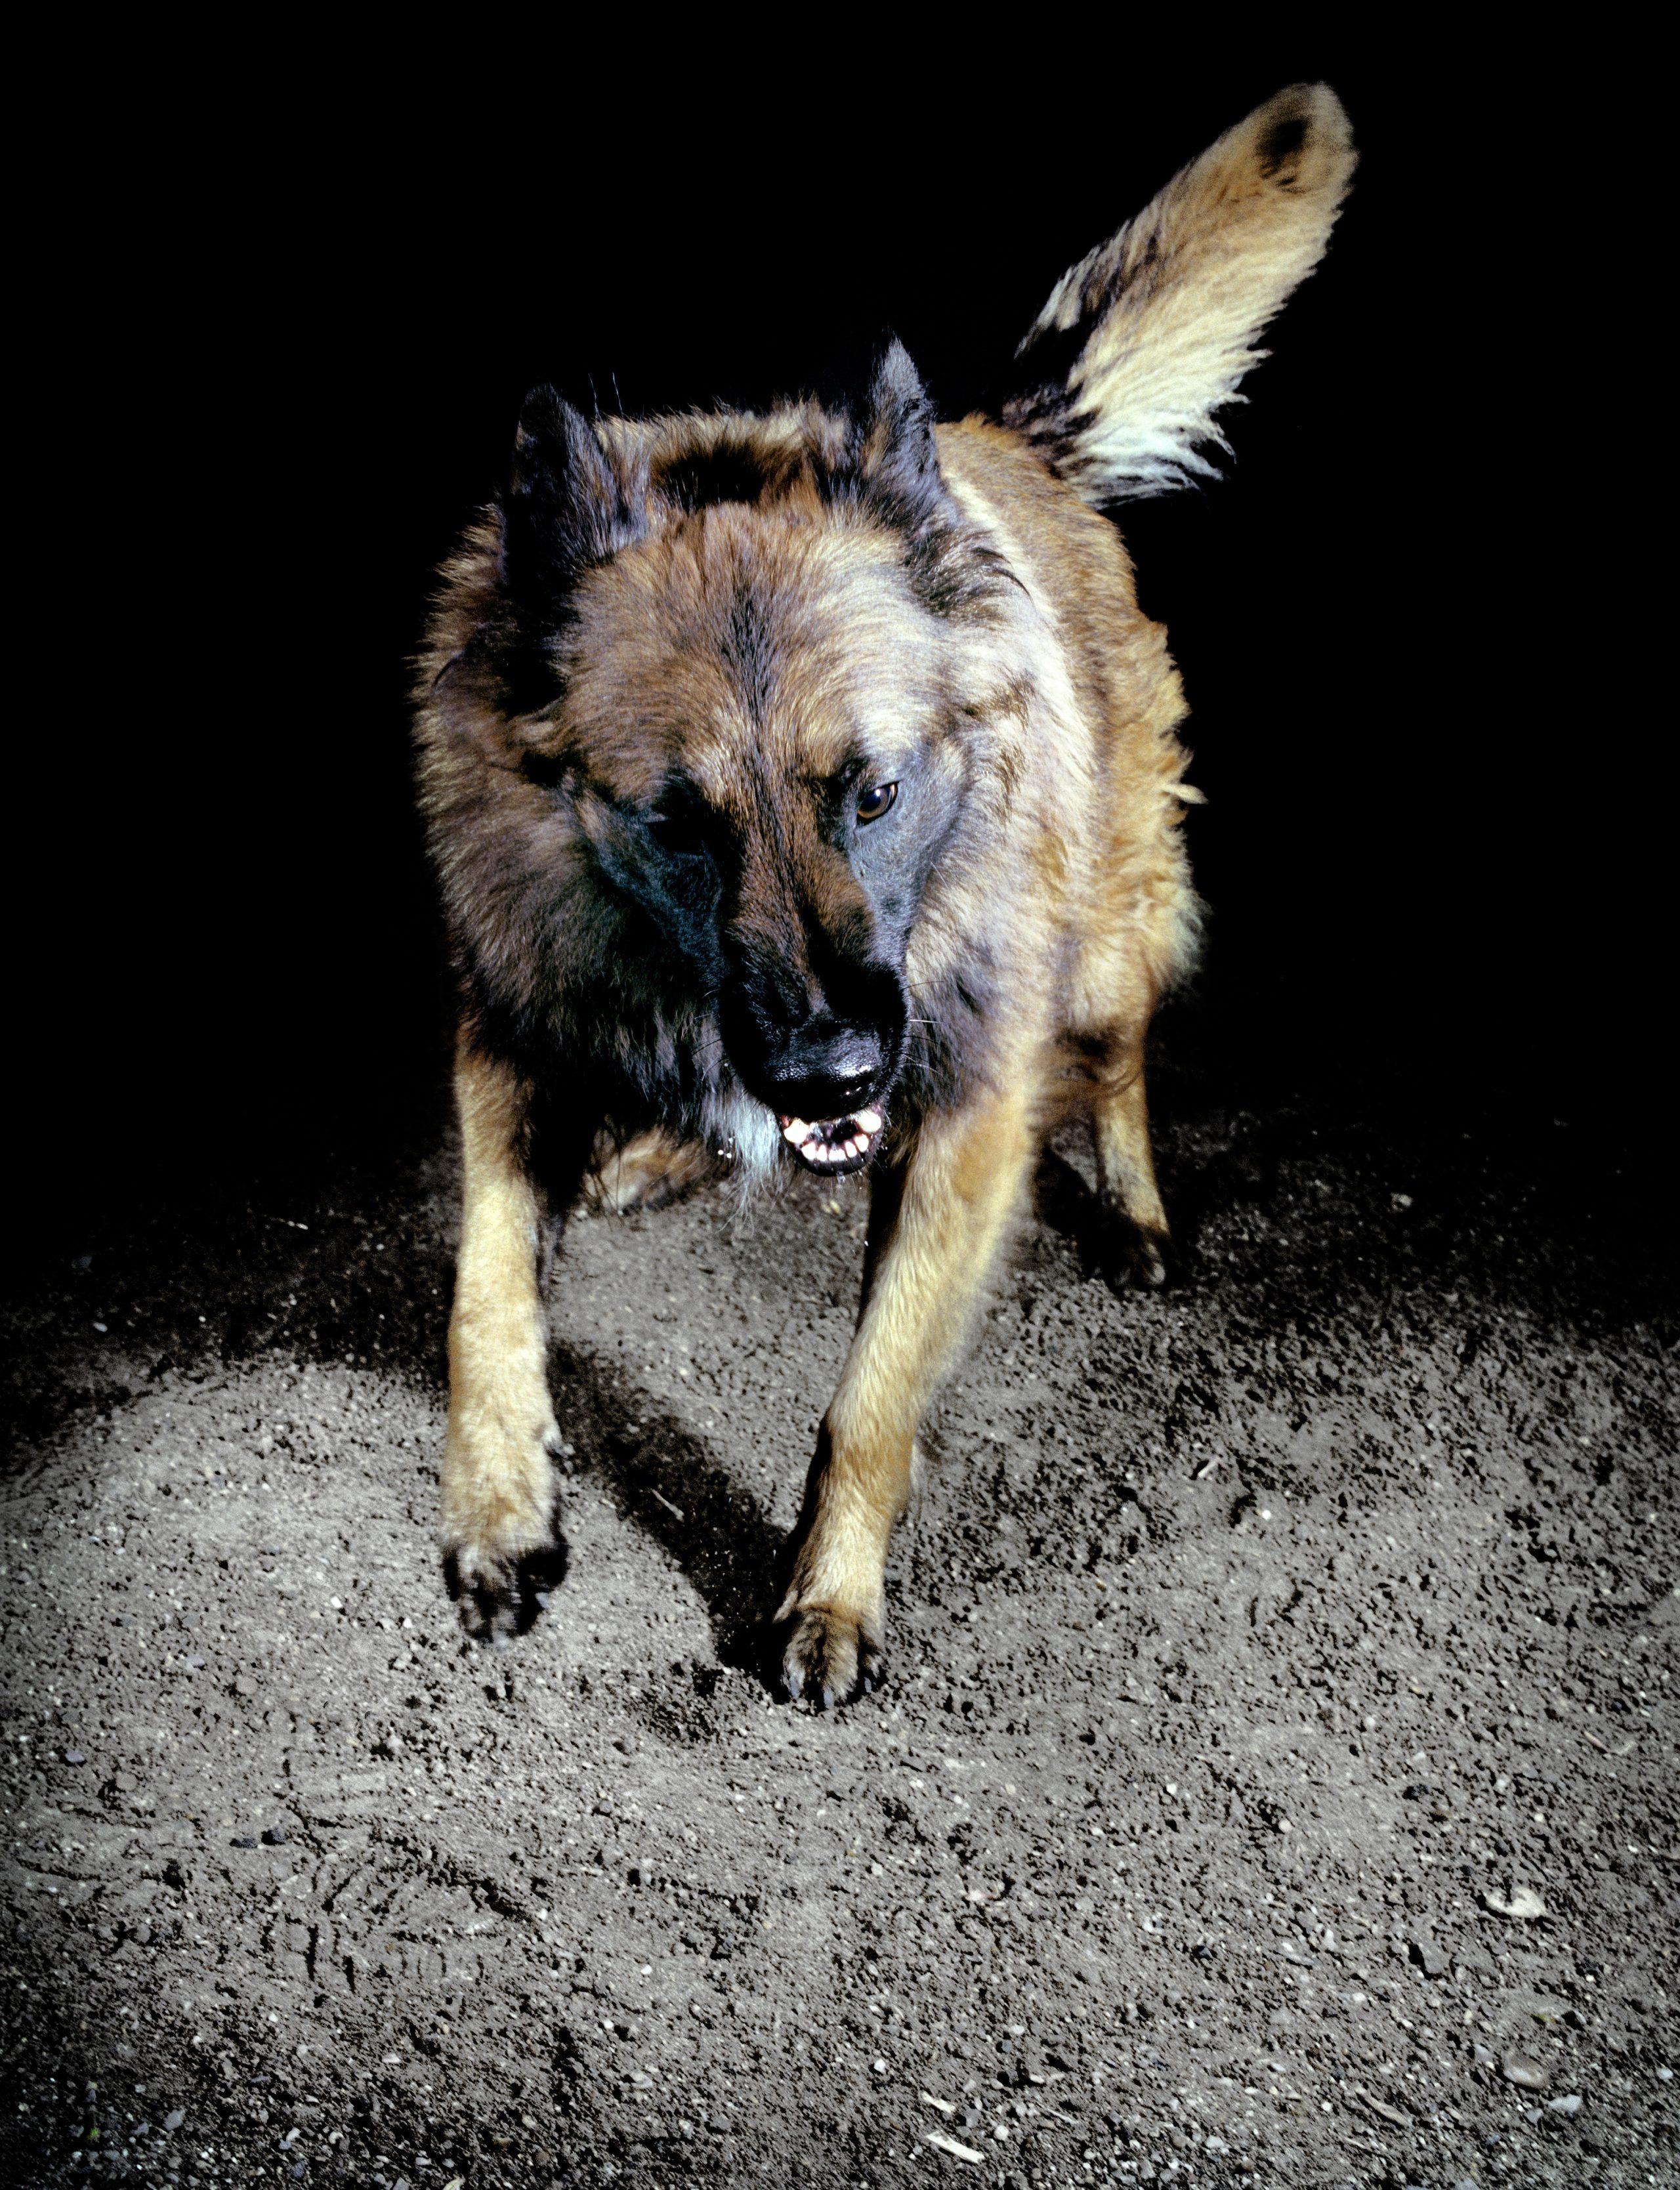 Extrait de la série Les chiens, France, 2010, © Tina Merandon / Signatures